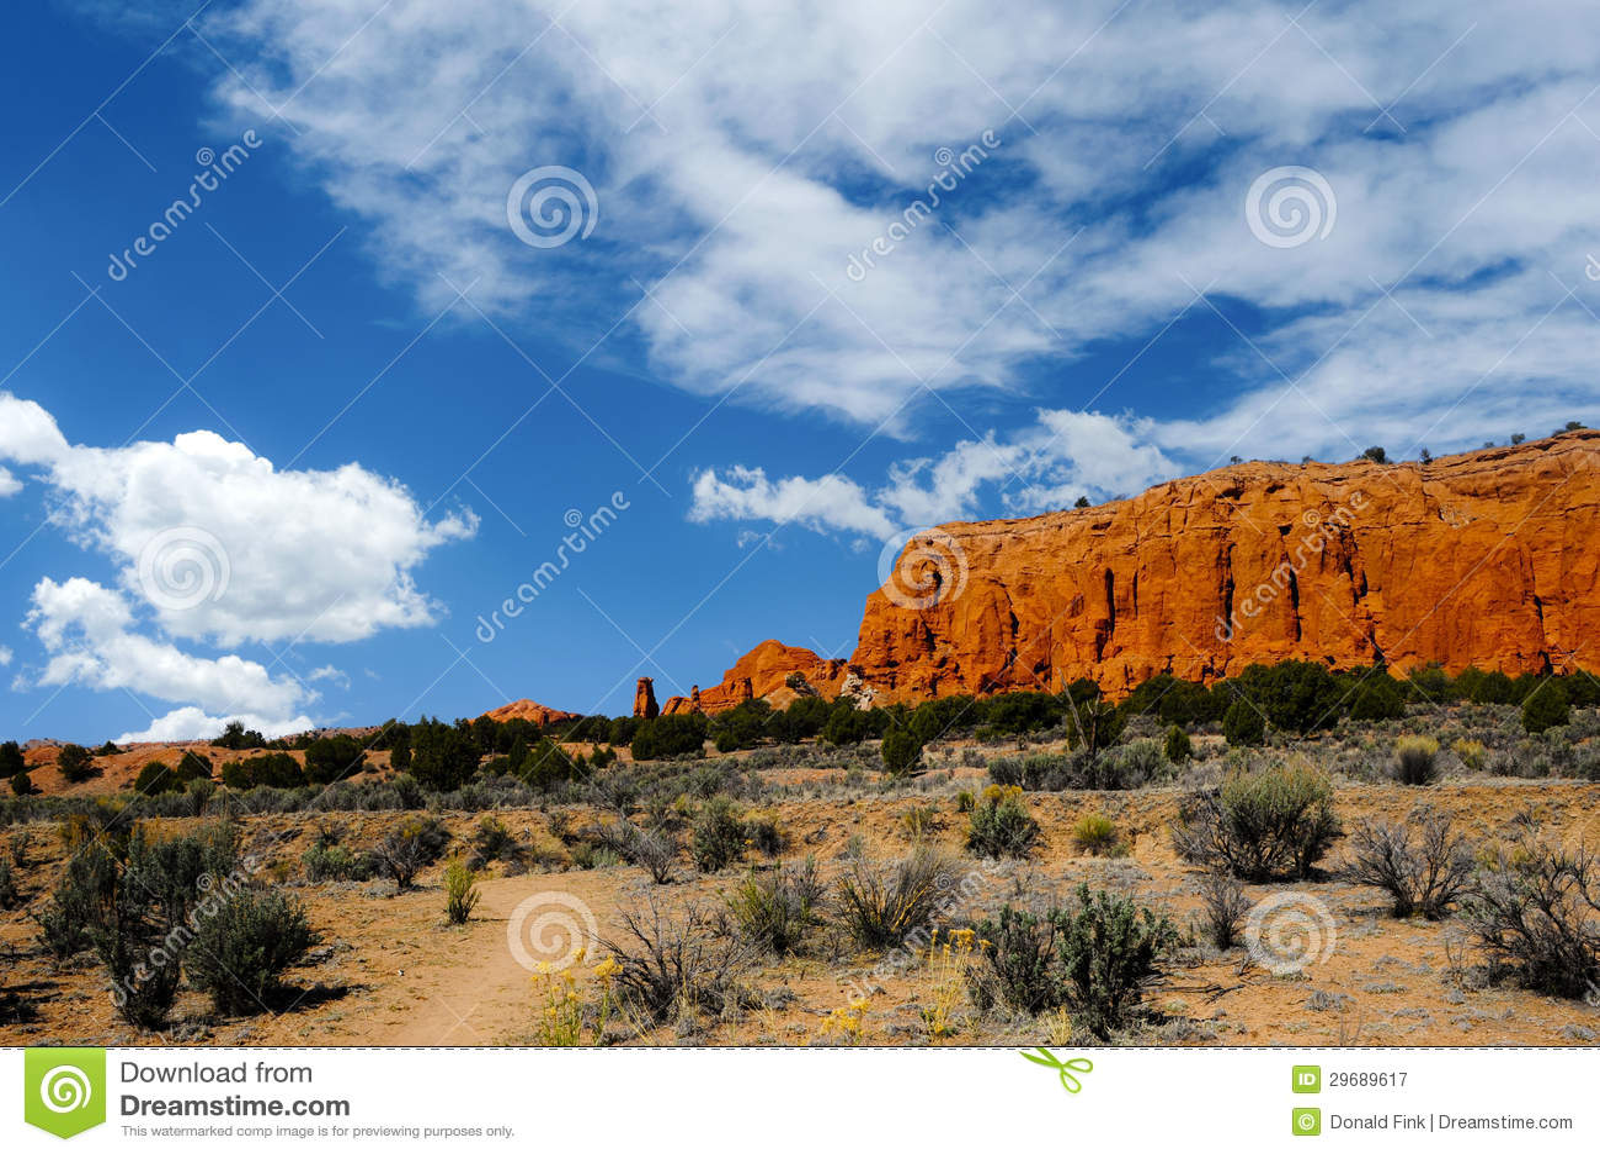 Desert Southwest Royalty Free Stock Photography Image